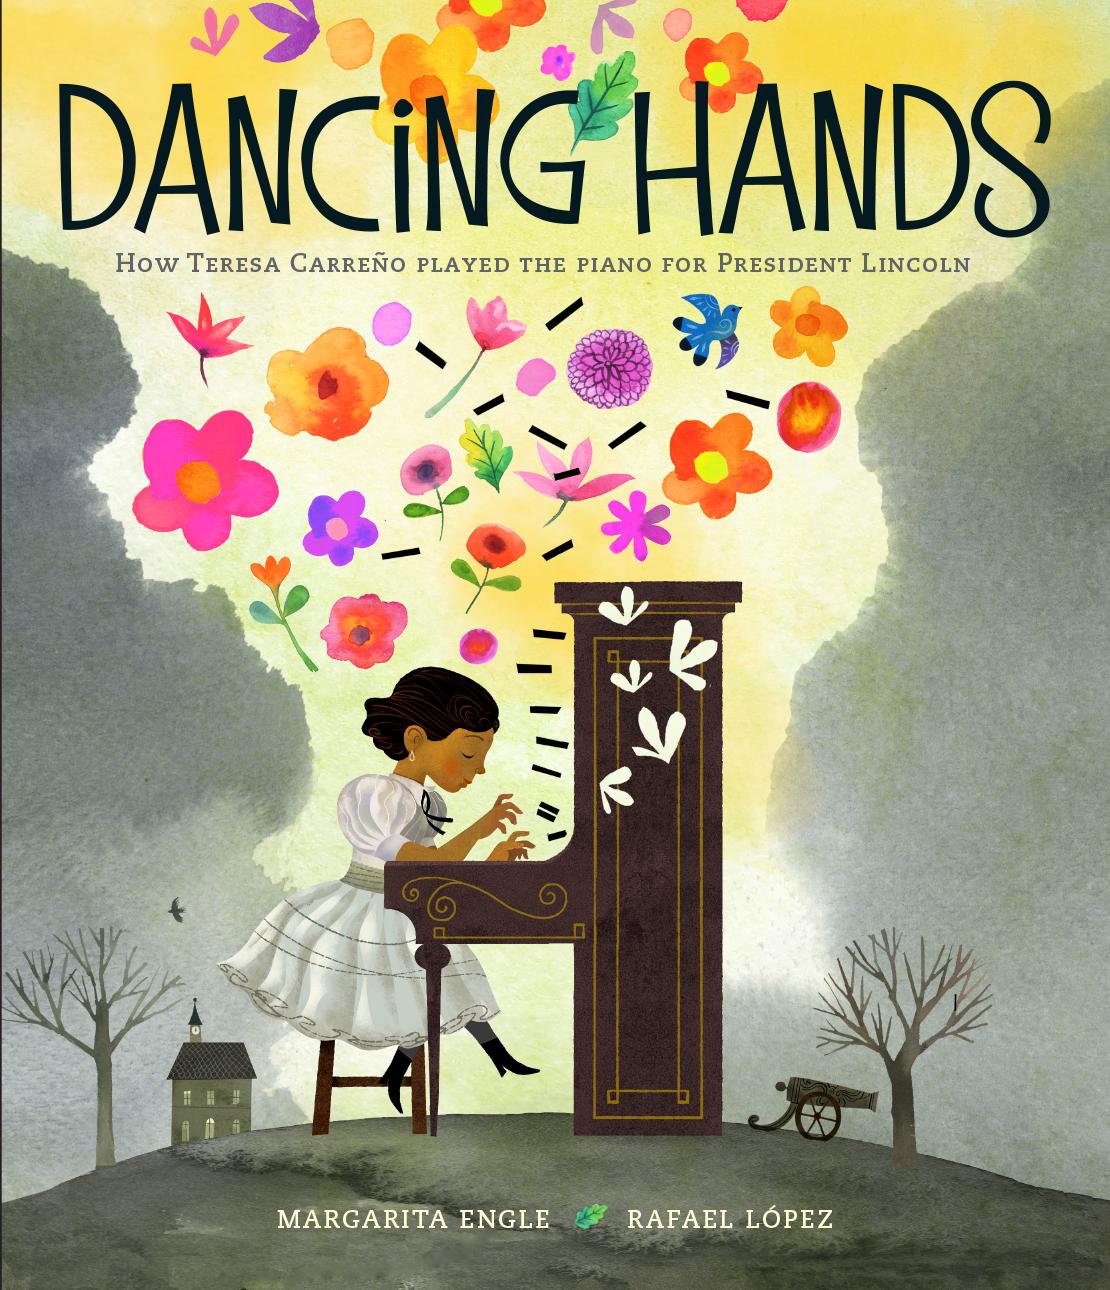 DancingHands.jpg